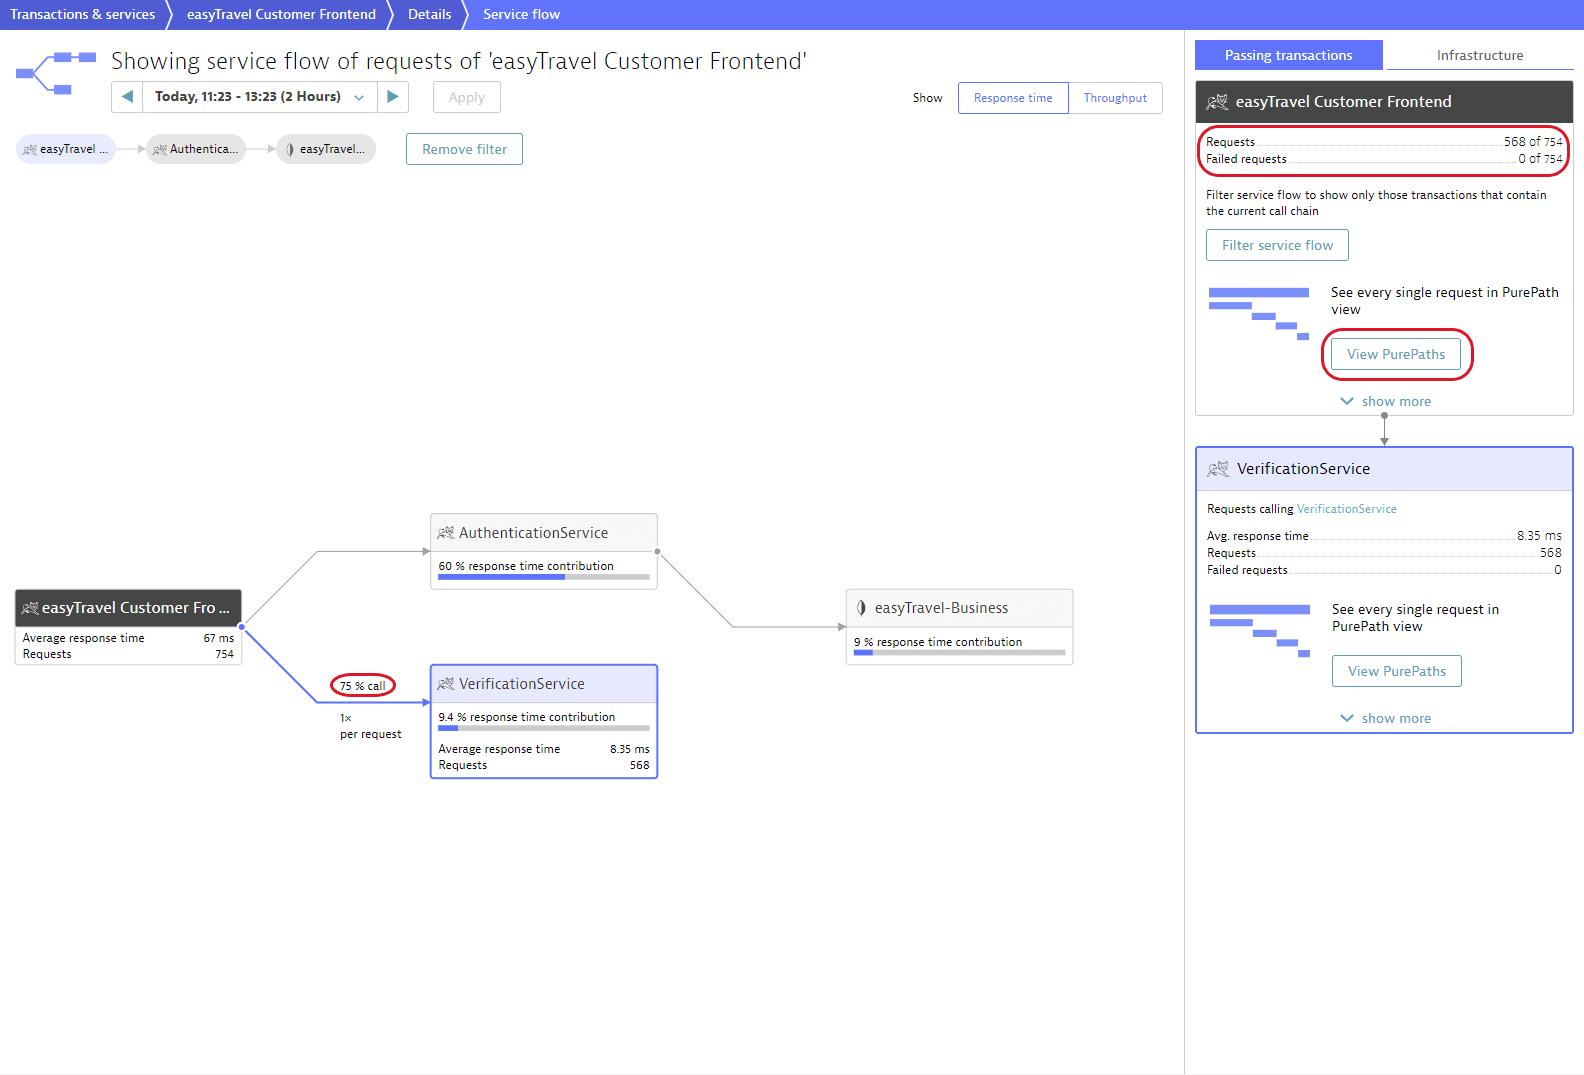 Filtered service flow